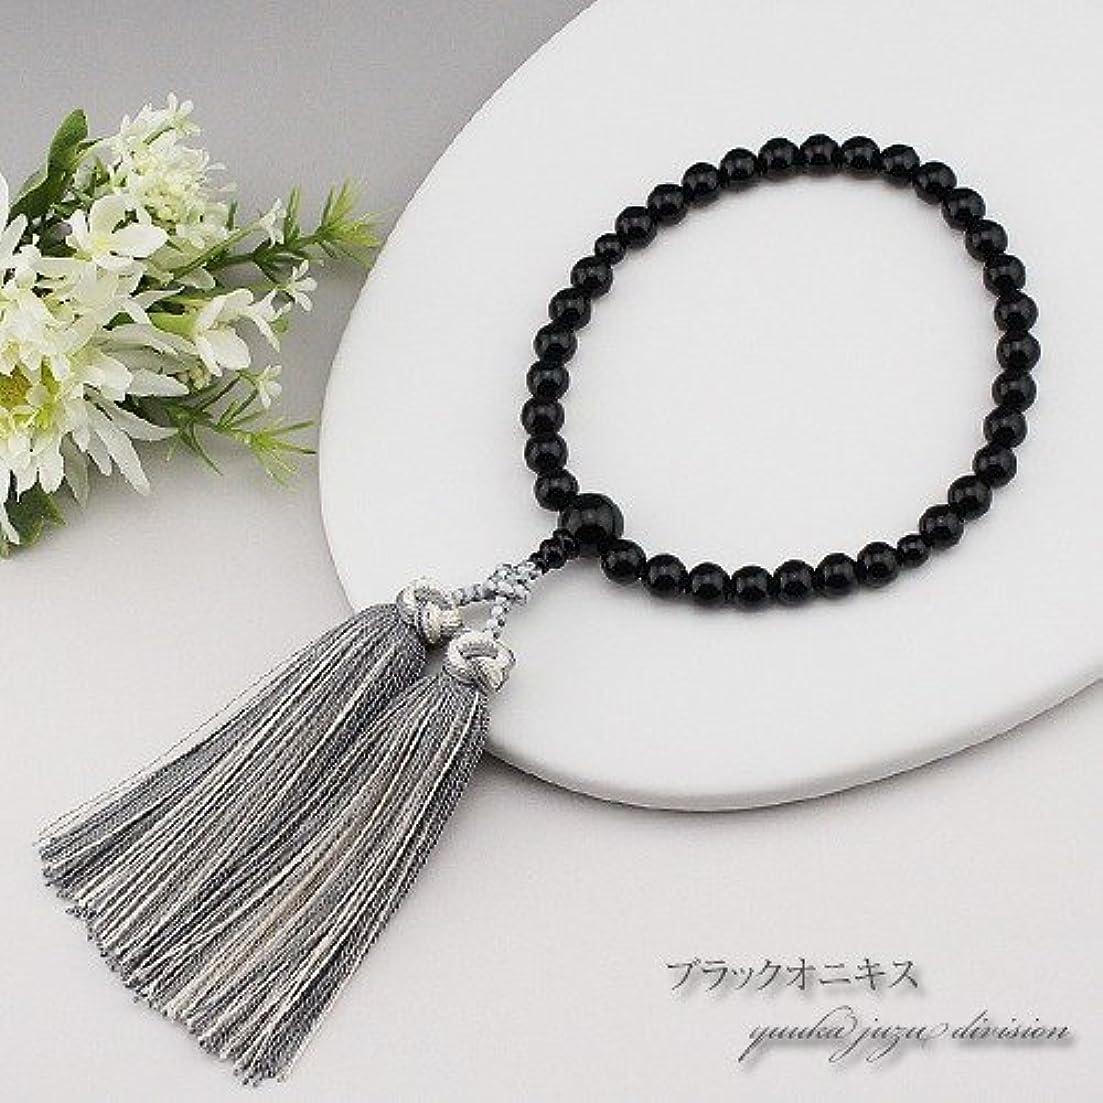 から聞くポップ電化するブラックオニキス 8ミリ 銀花かがり 女性用 数珠